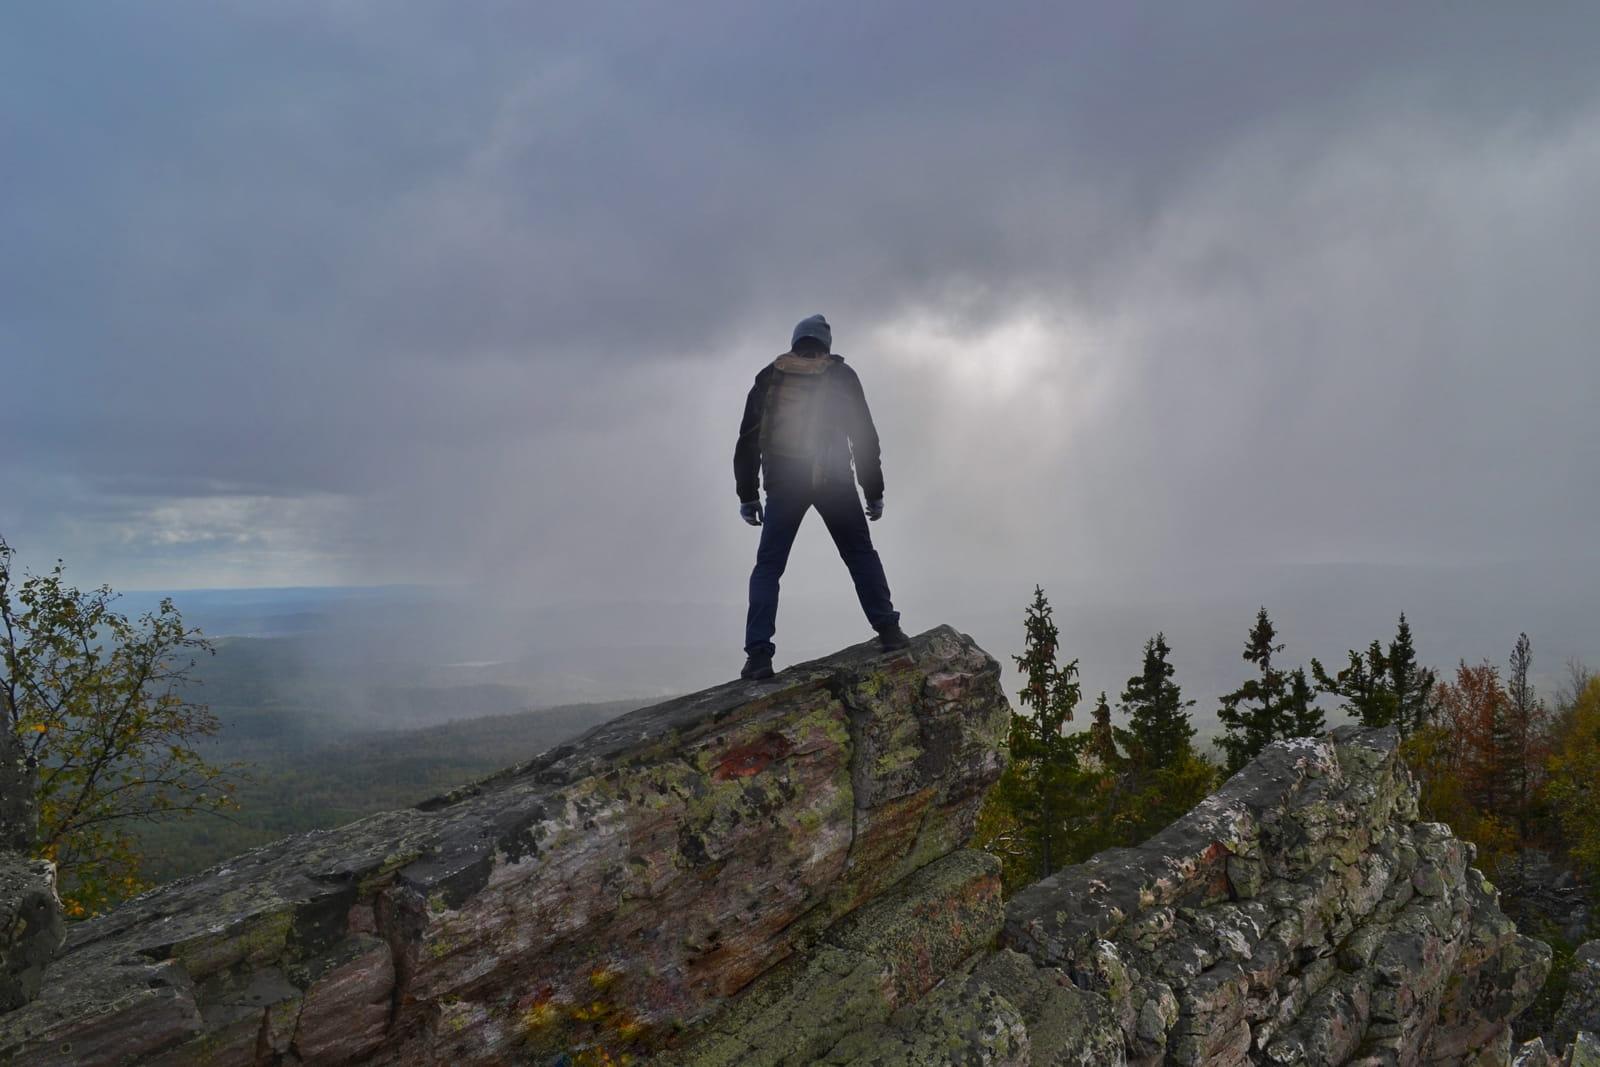 Александровская сопка, фотограф на вершине